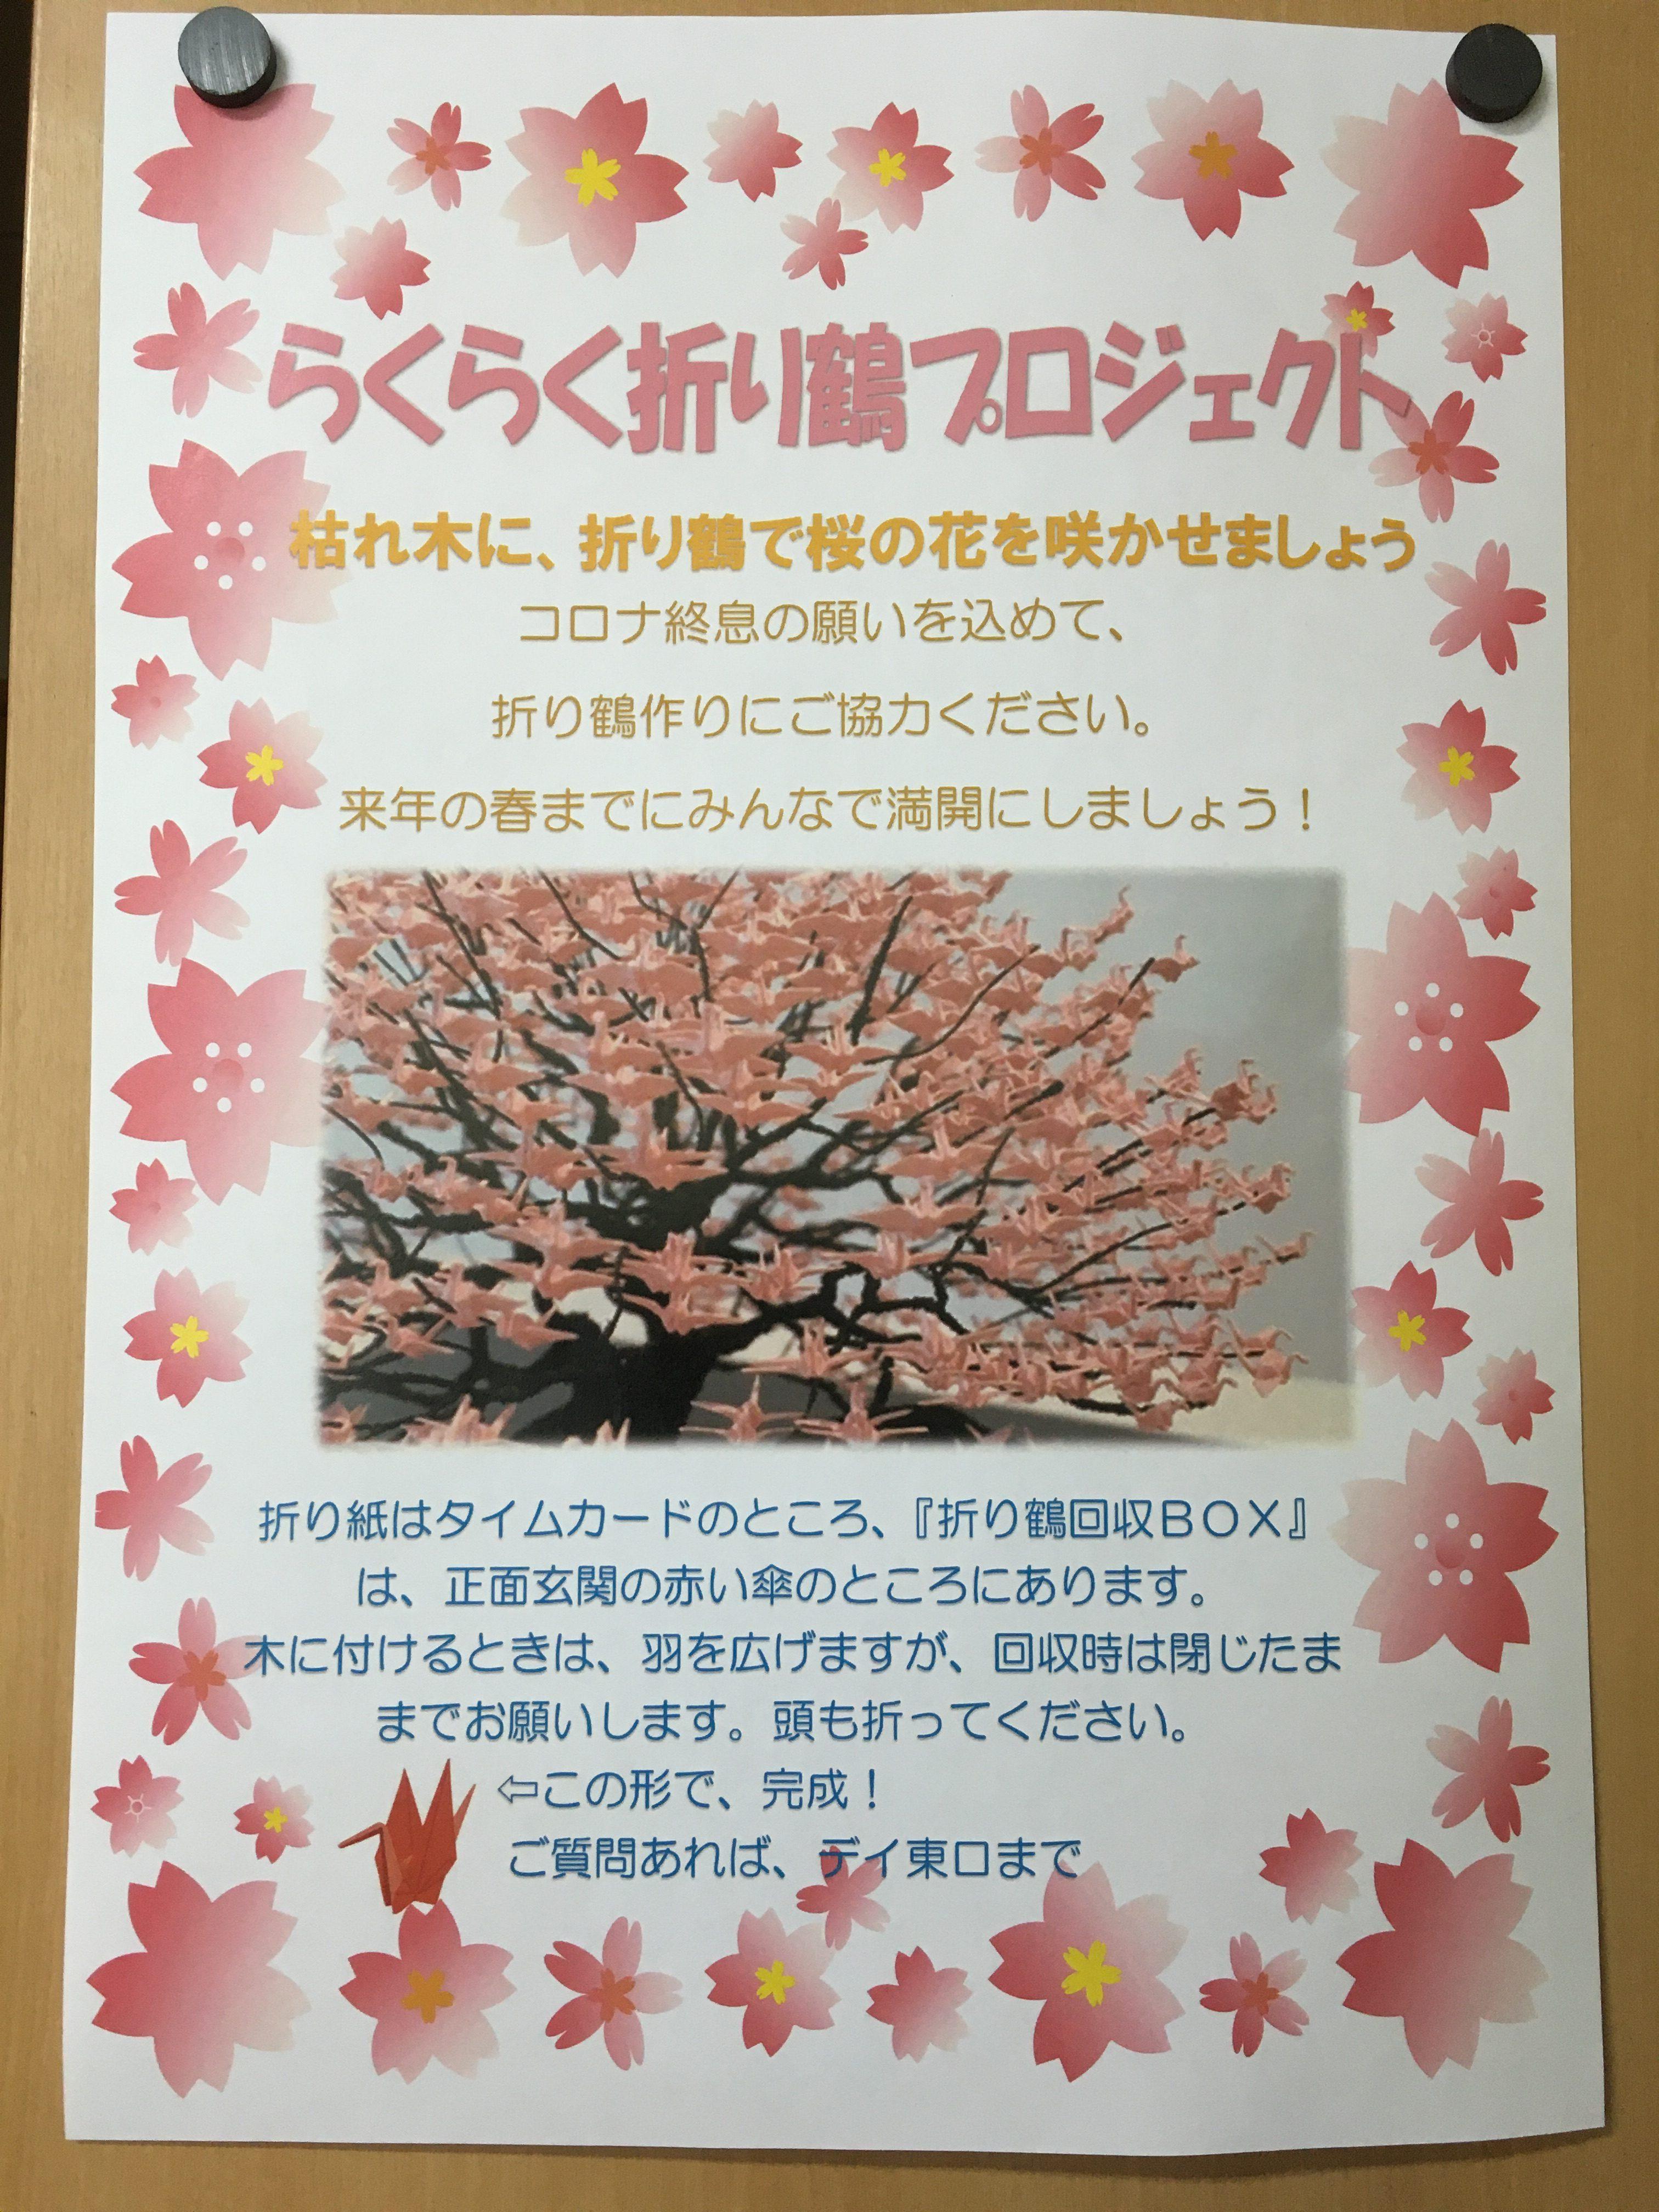 「らくらく折り鶴プロジェクト」開始!